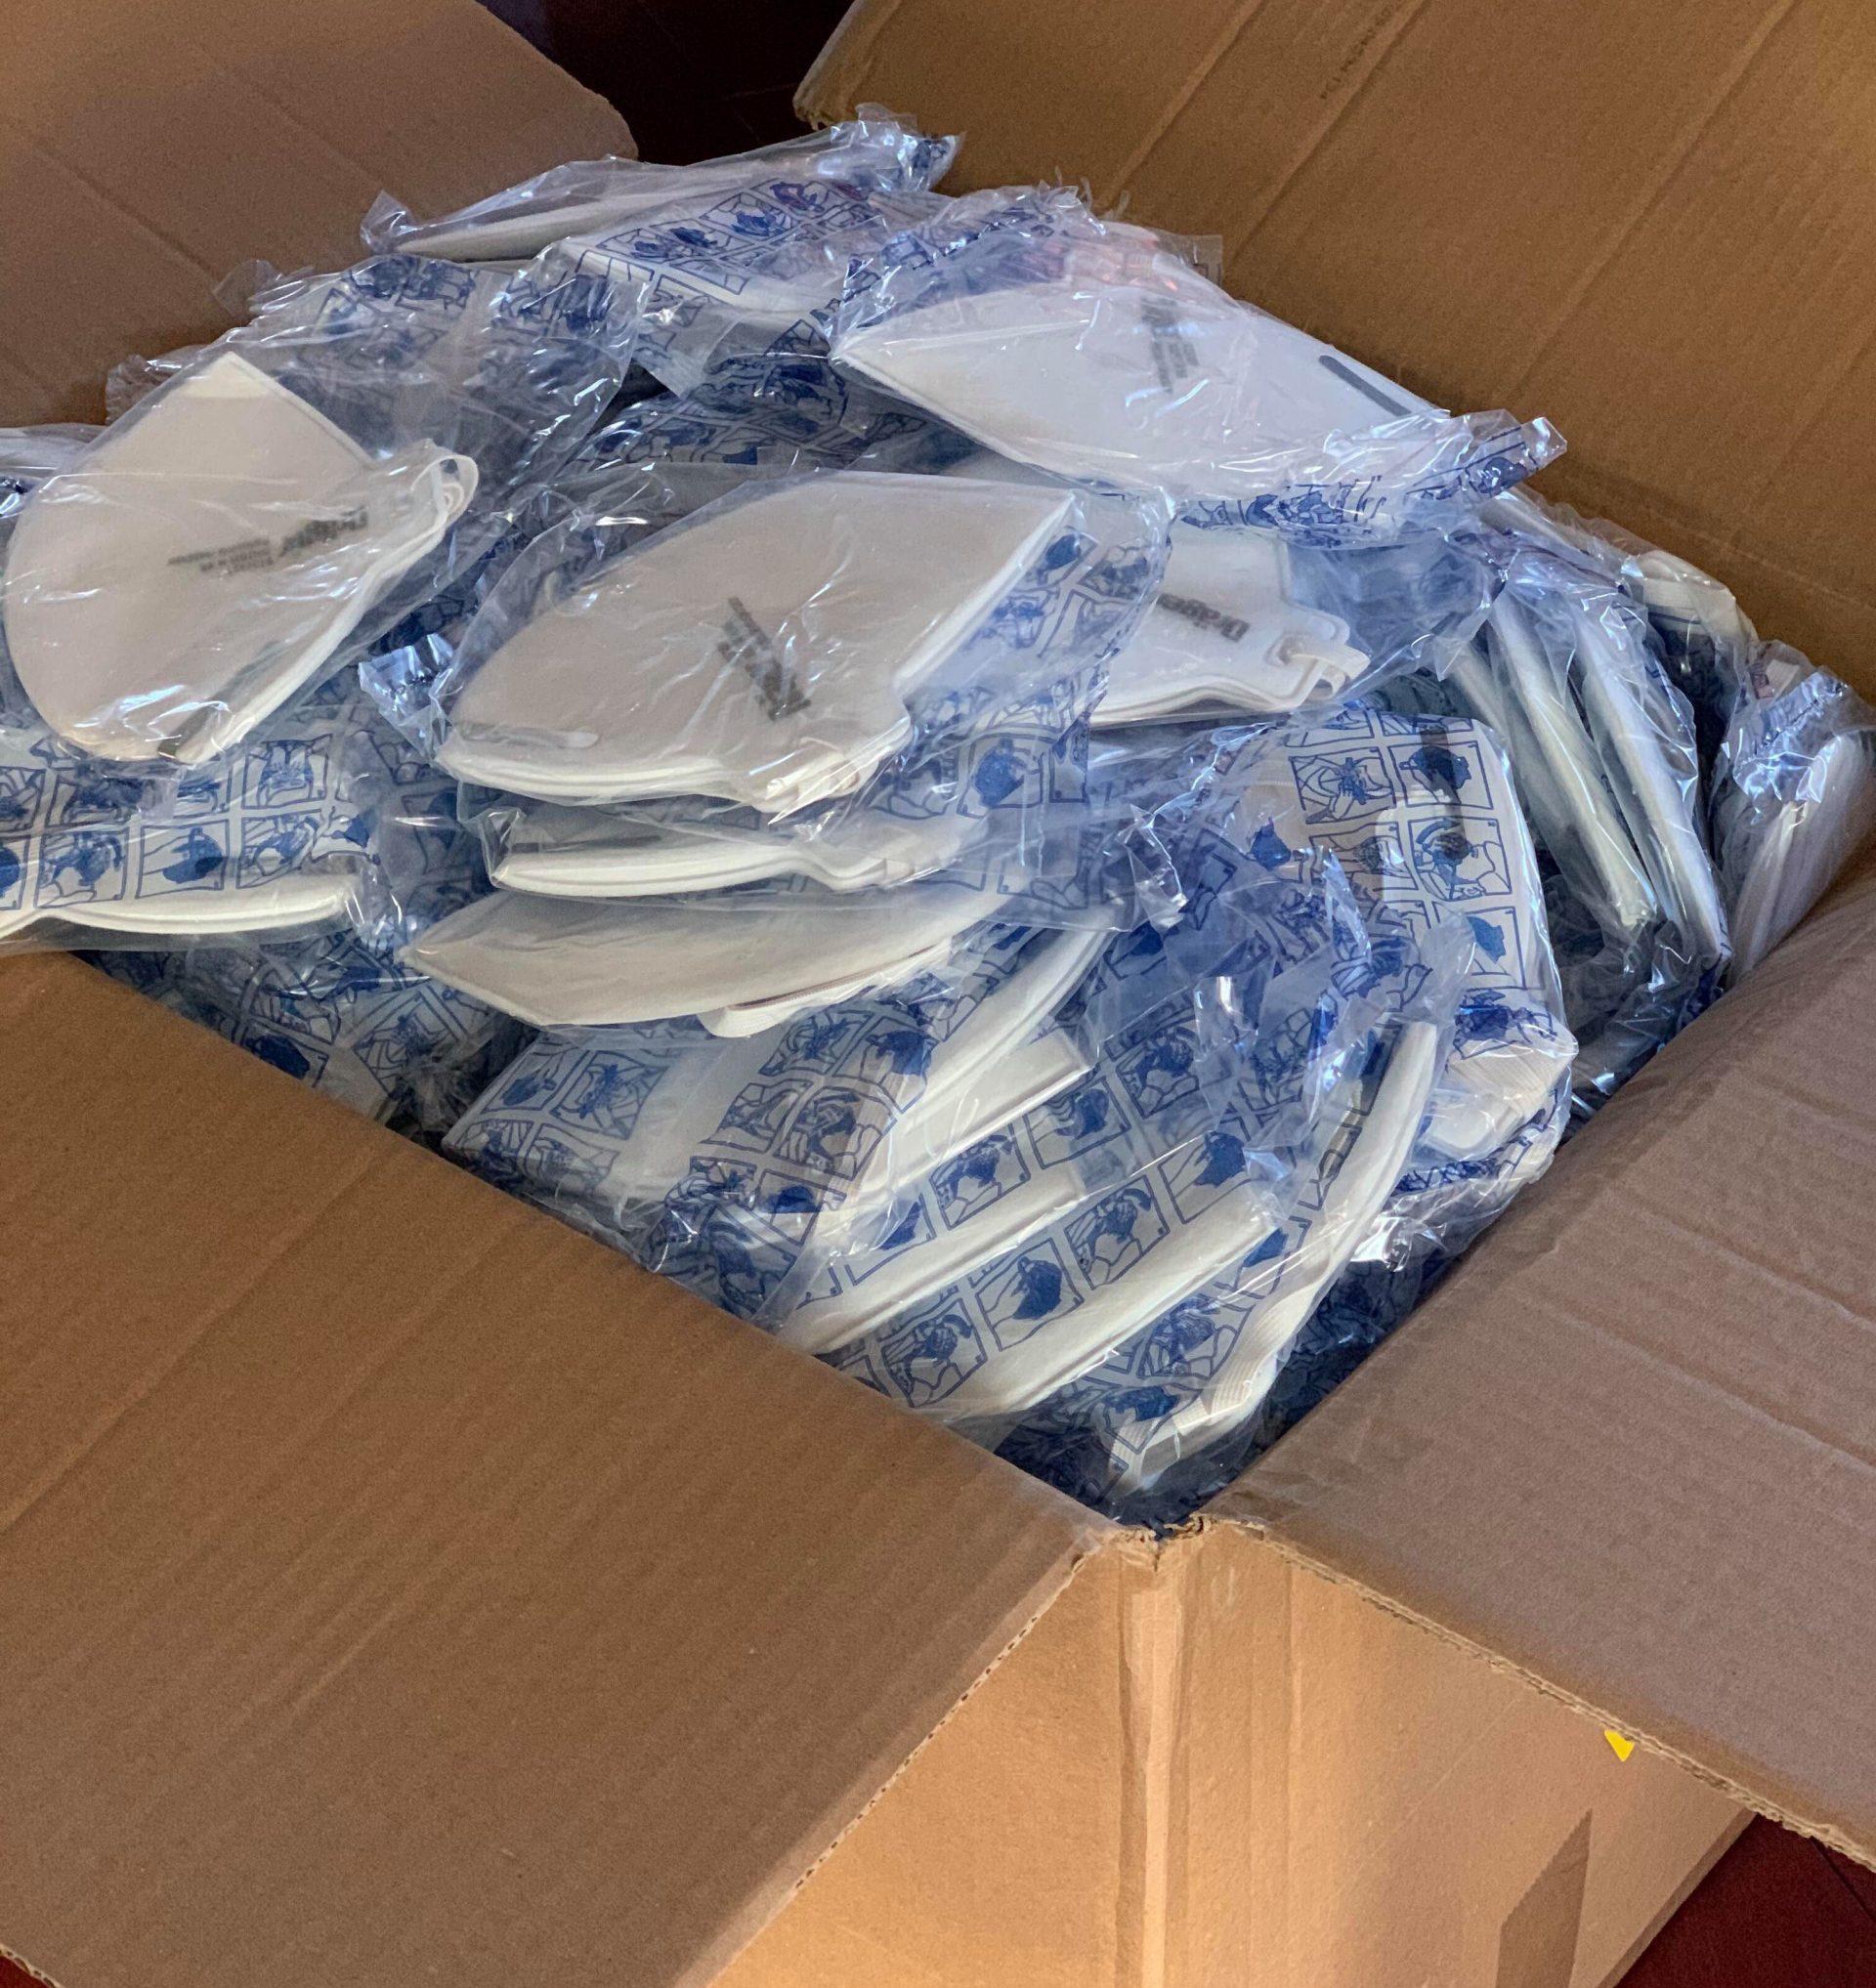 box of N95 face masks